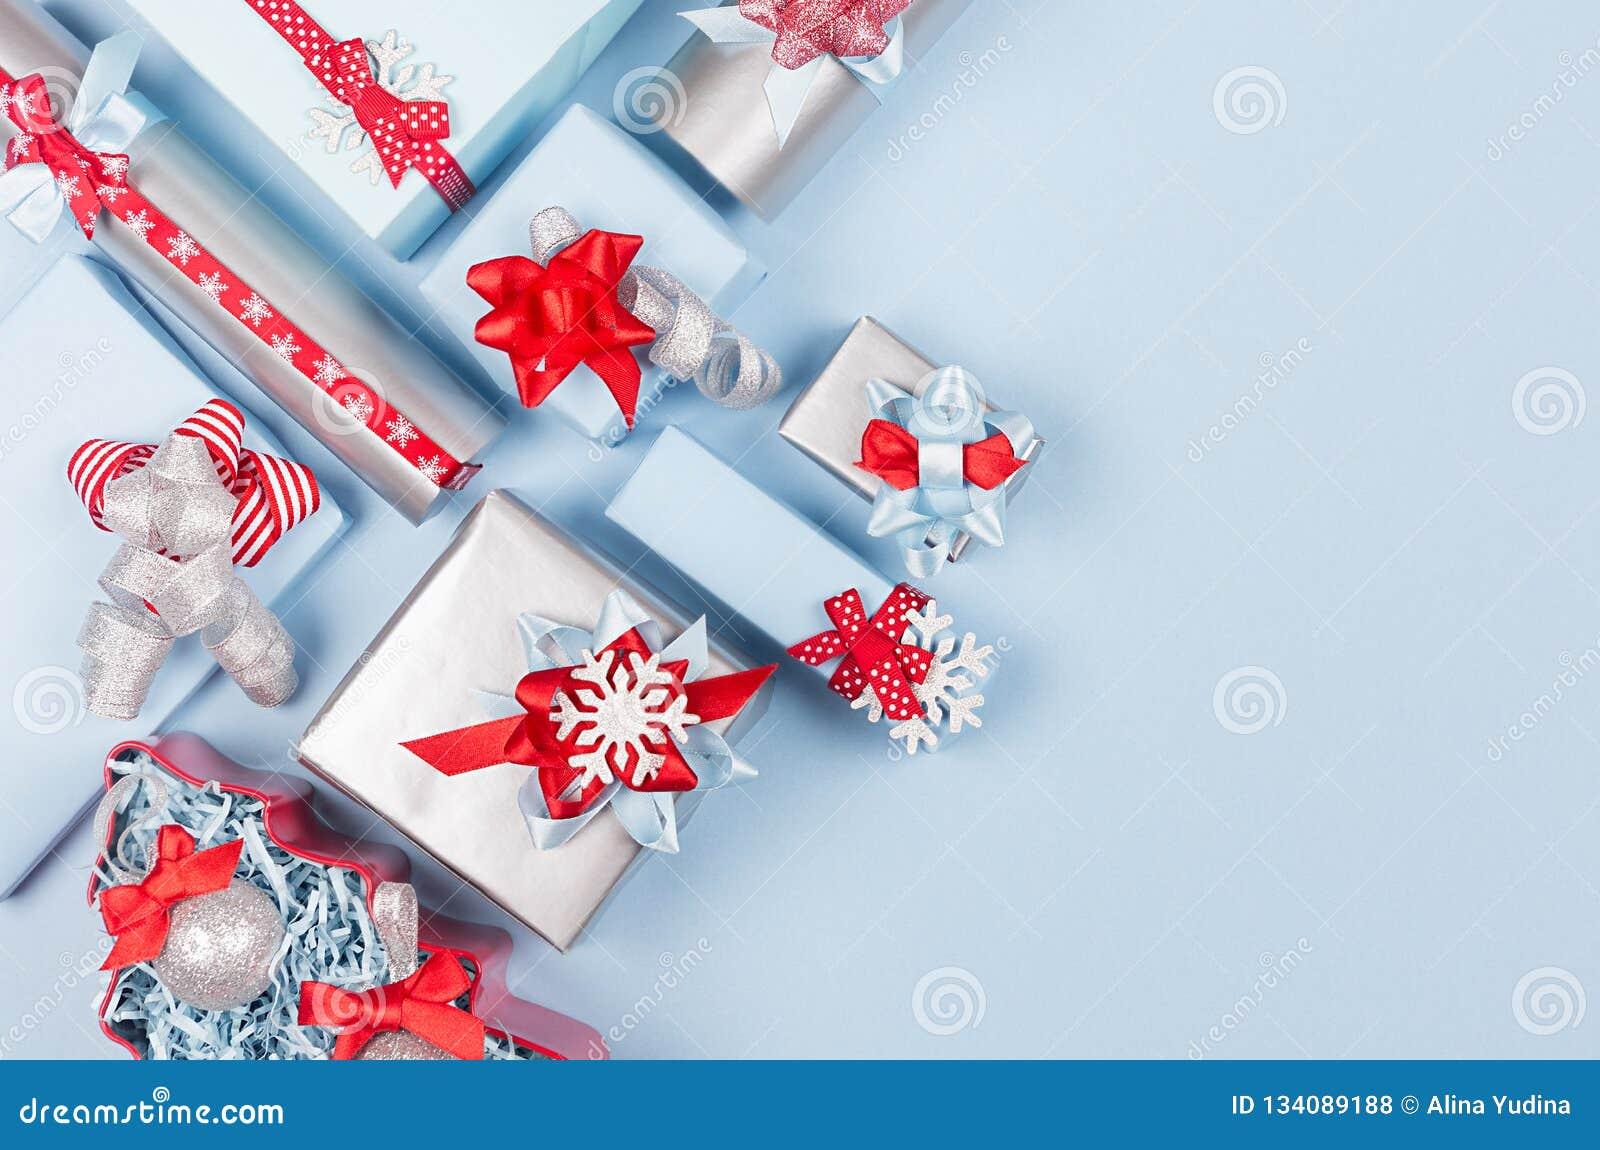 Reicher heller Wintersaisonfeierhintergrund in der roten, blauen und silbernen Pastellfarbe mit verschiedenen Geschenkboxen